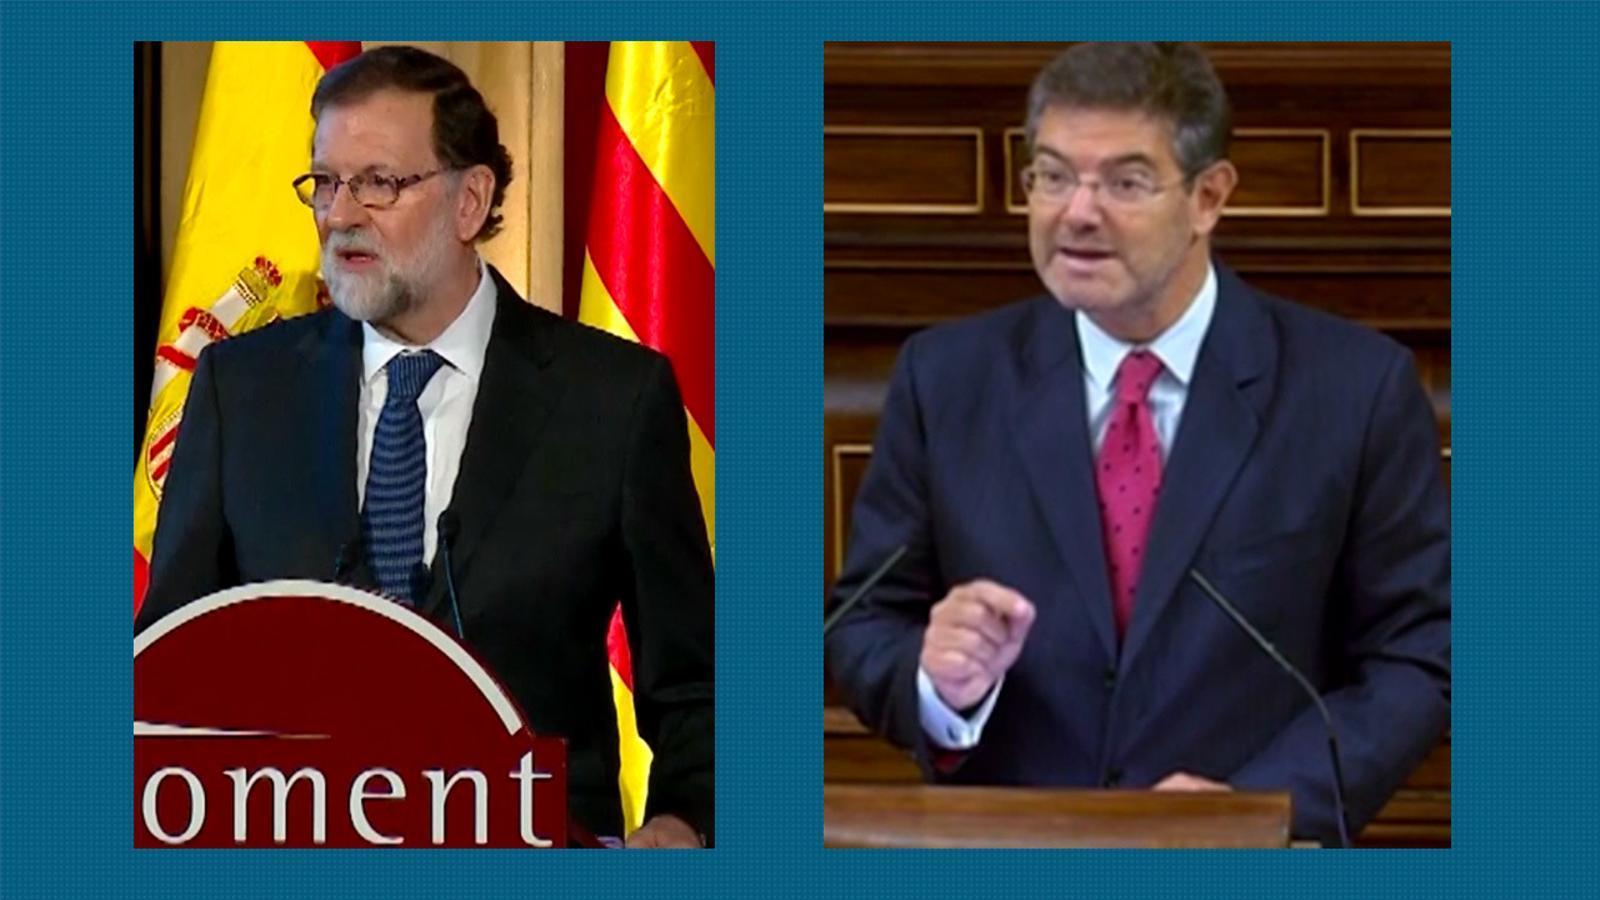 L'anàlisi d'Antoni Bassas: 'Rajoy demana als empresaris que no treguin més empreses de Catalunya sense que se li escapi el riure'